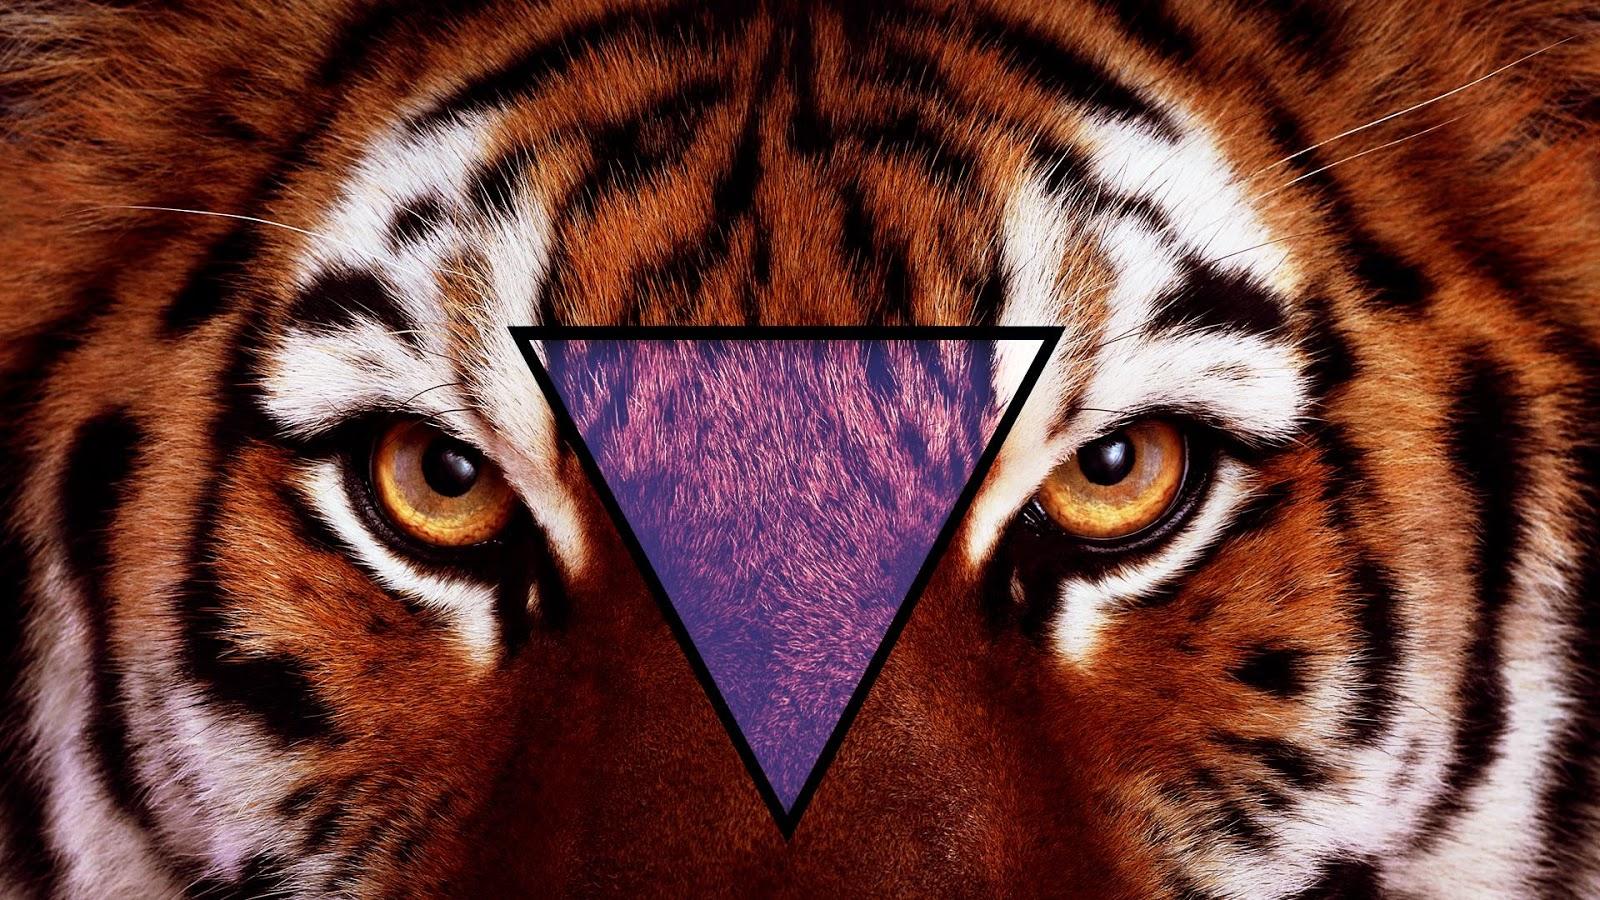 Tiger Hipster Live Wallpaper APK by LwpMaster Details